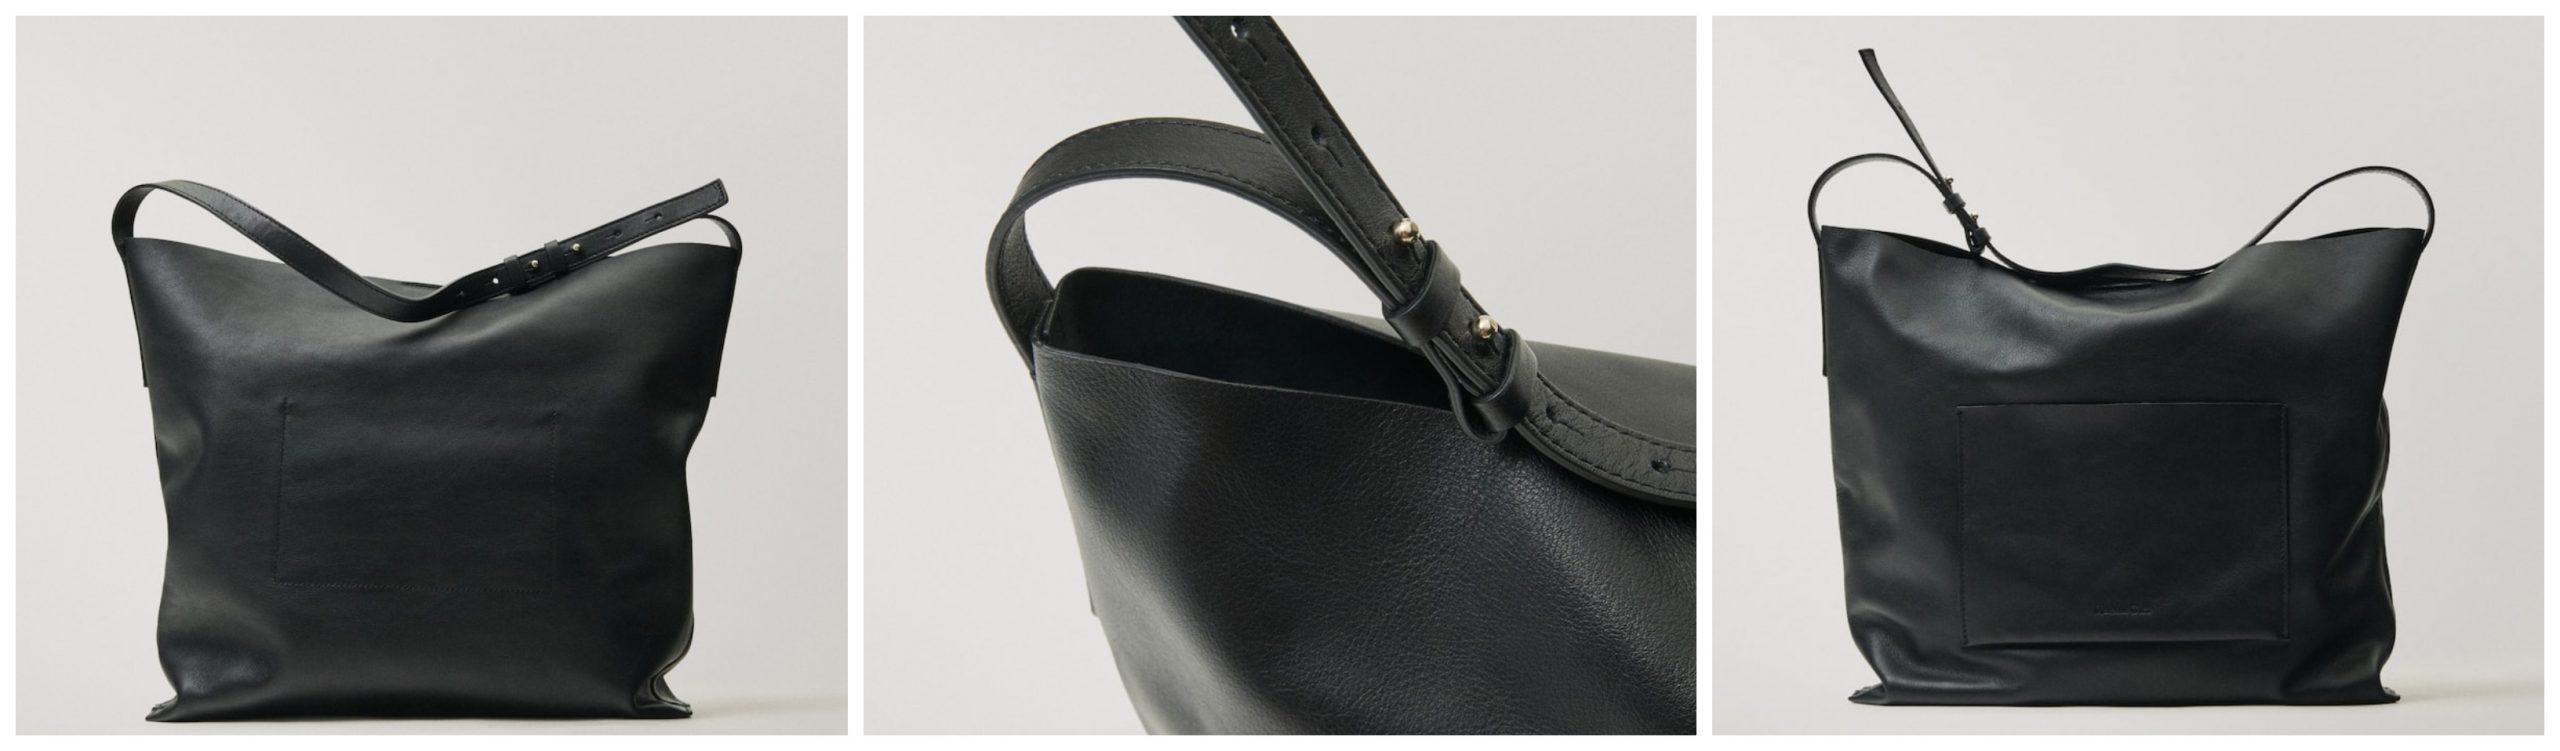 Bolso de piel de Massimo Dutti color negro con correa.